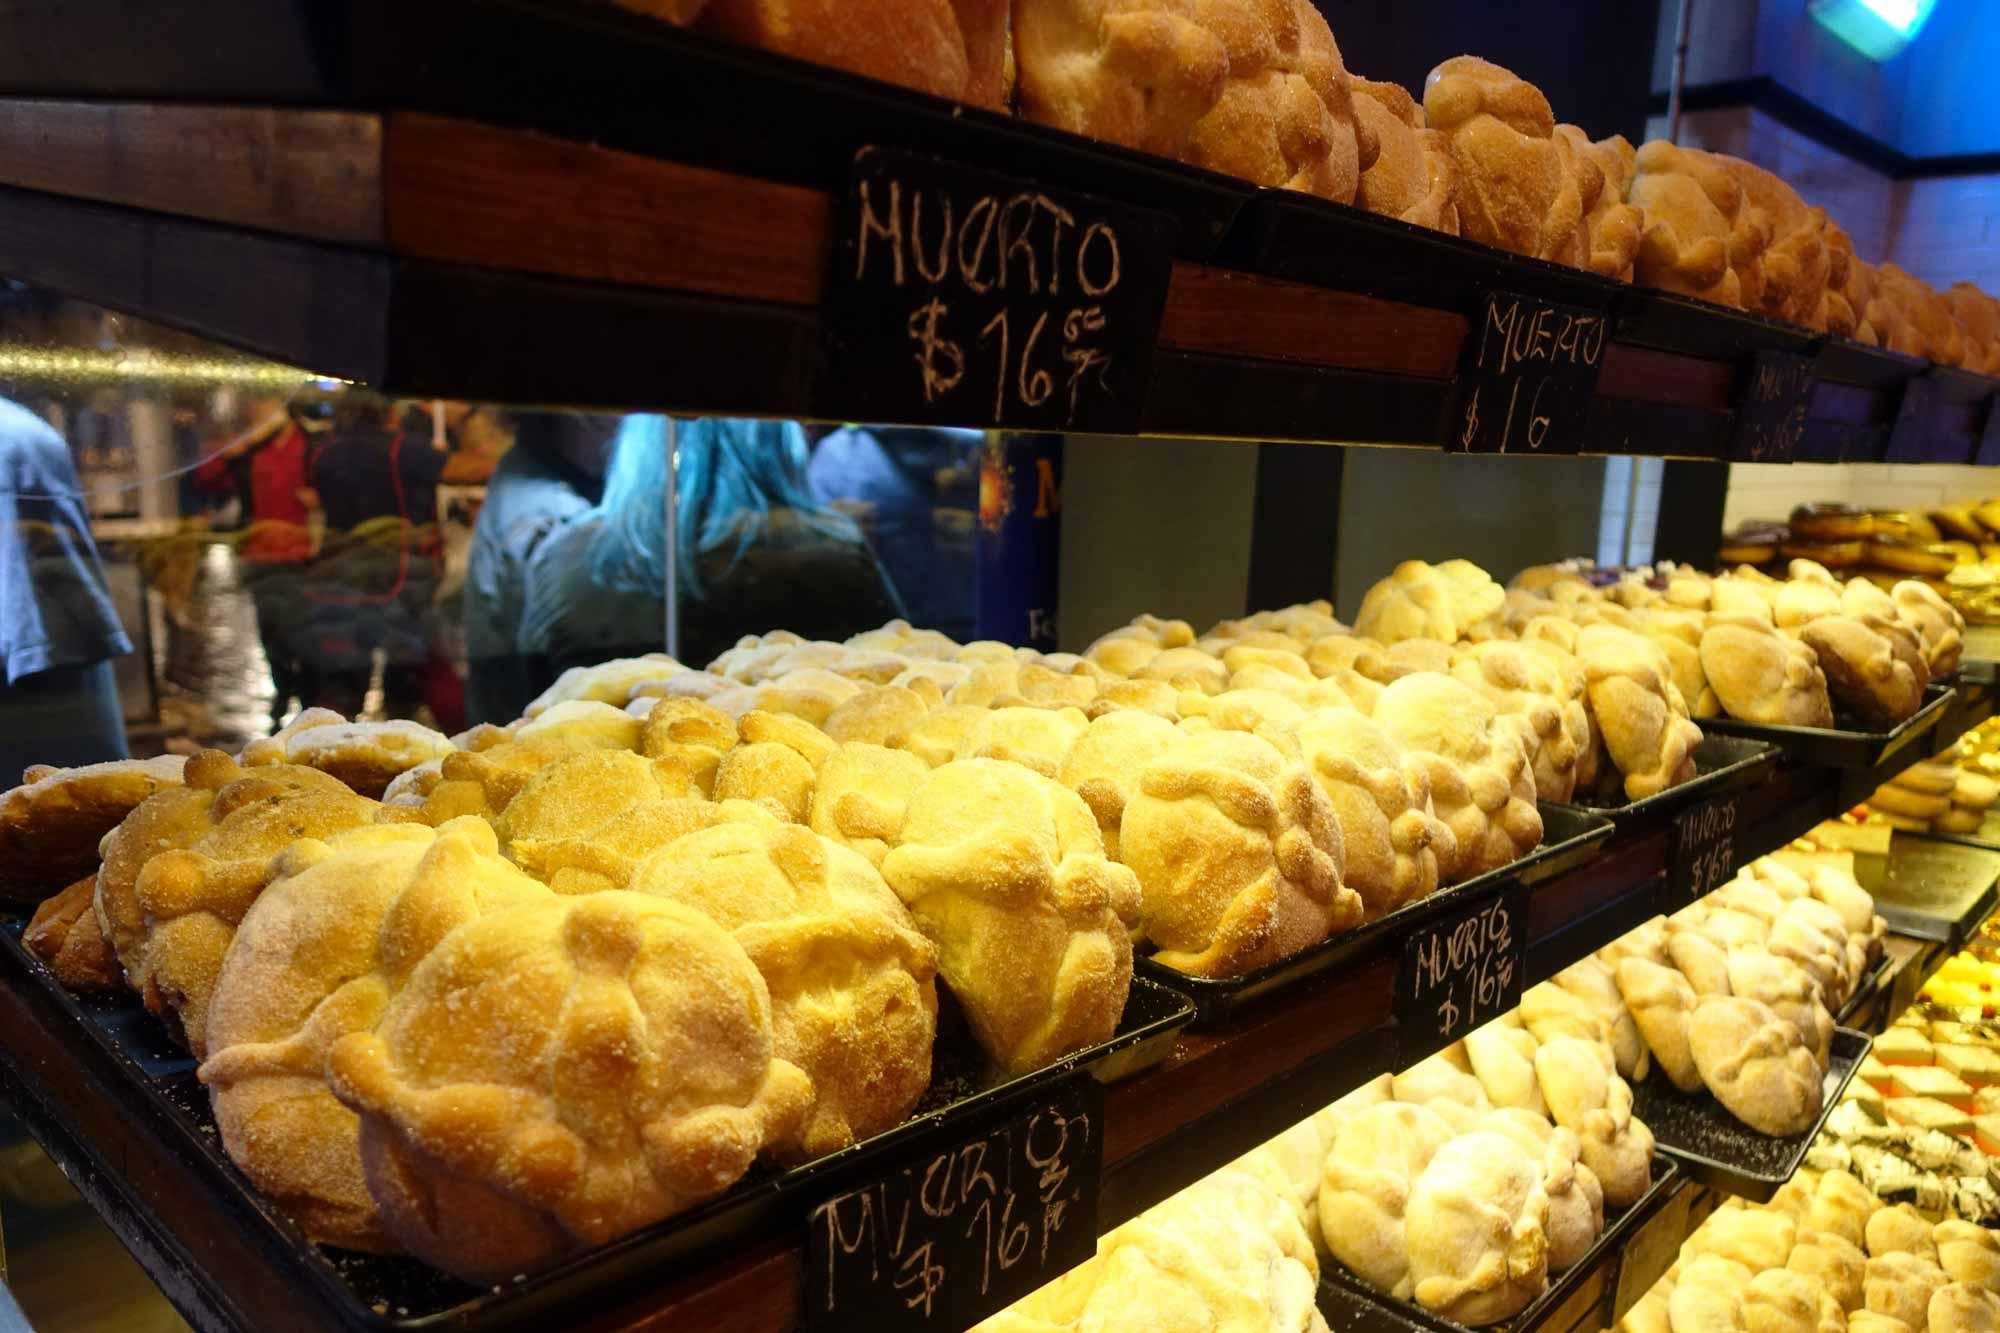 pan de muerto priced at 76 pesos